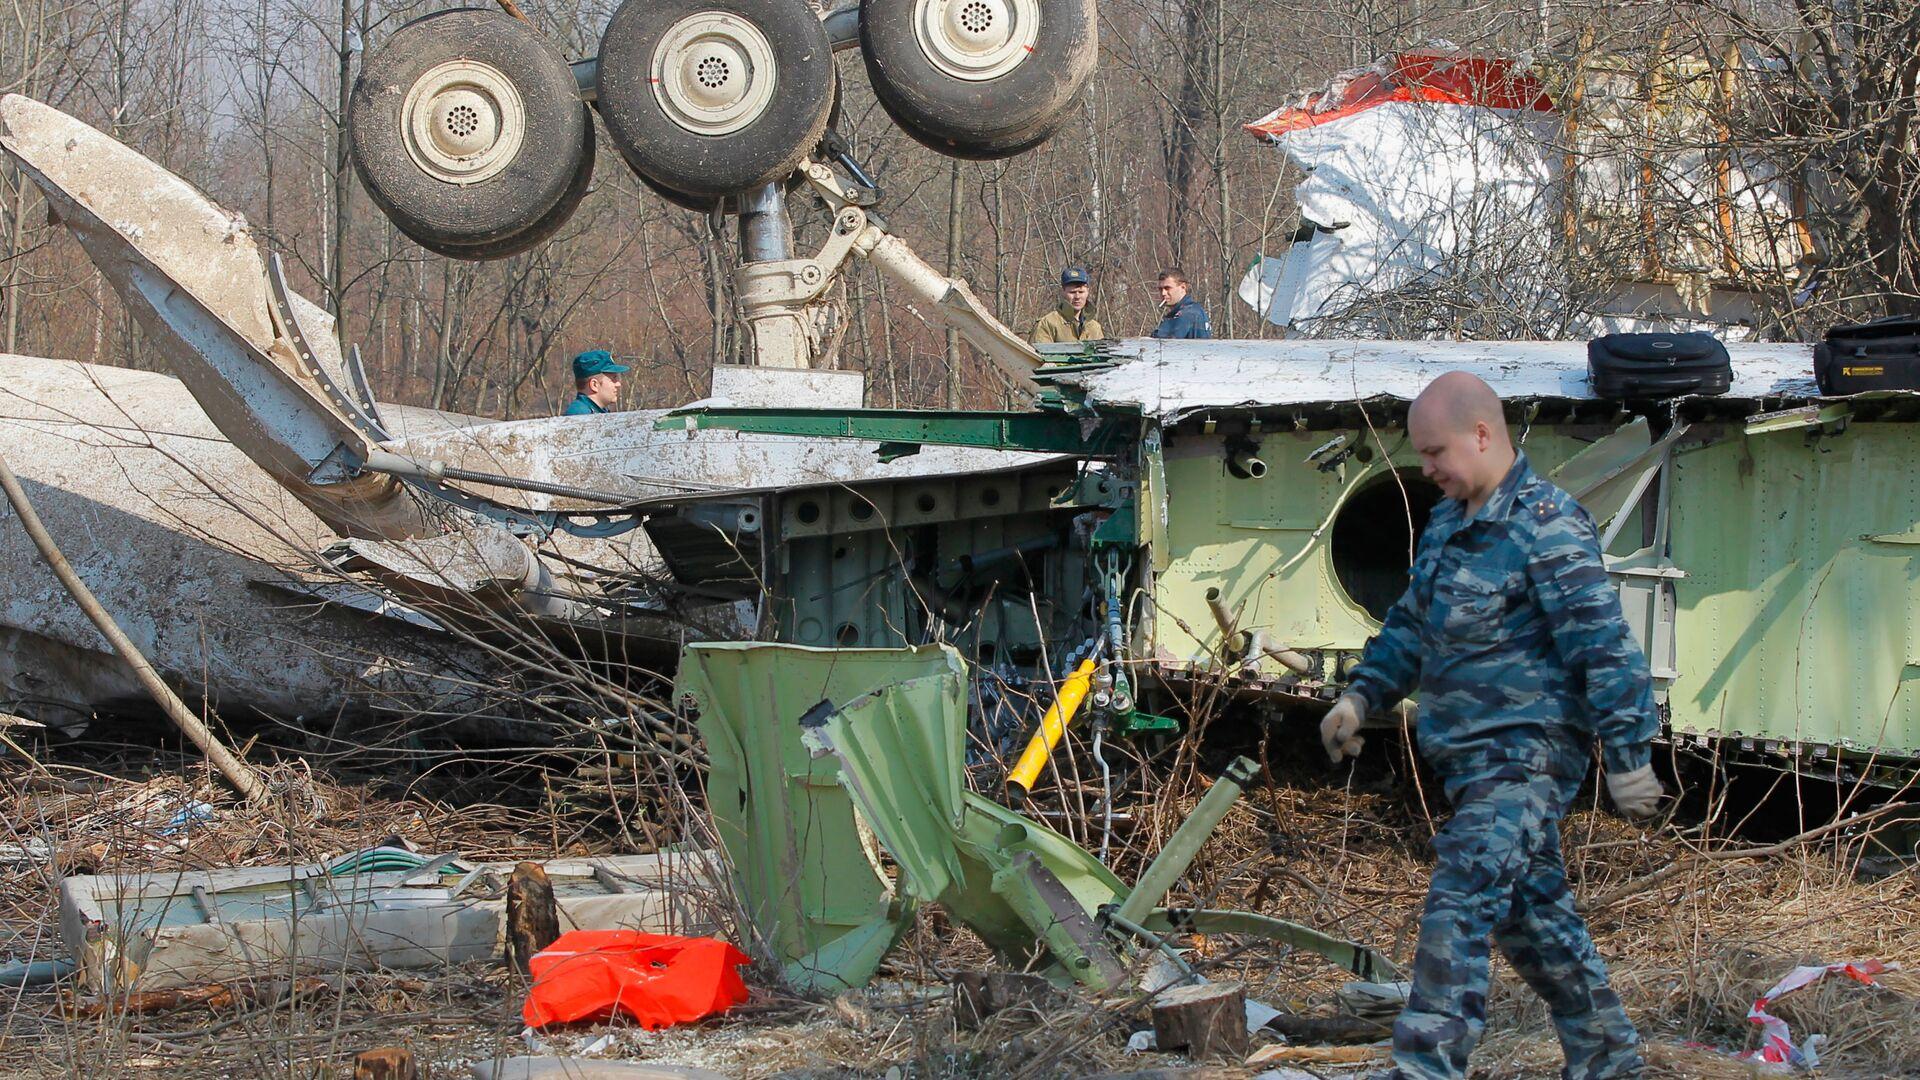 Służby ratownicze kontynuują prace na miejscu katastrofy polskiego samolotu rządowego Tu-154 pod Smoleńskiem - Sputnik Polska, 1920, 21.07.2021